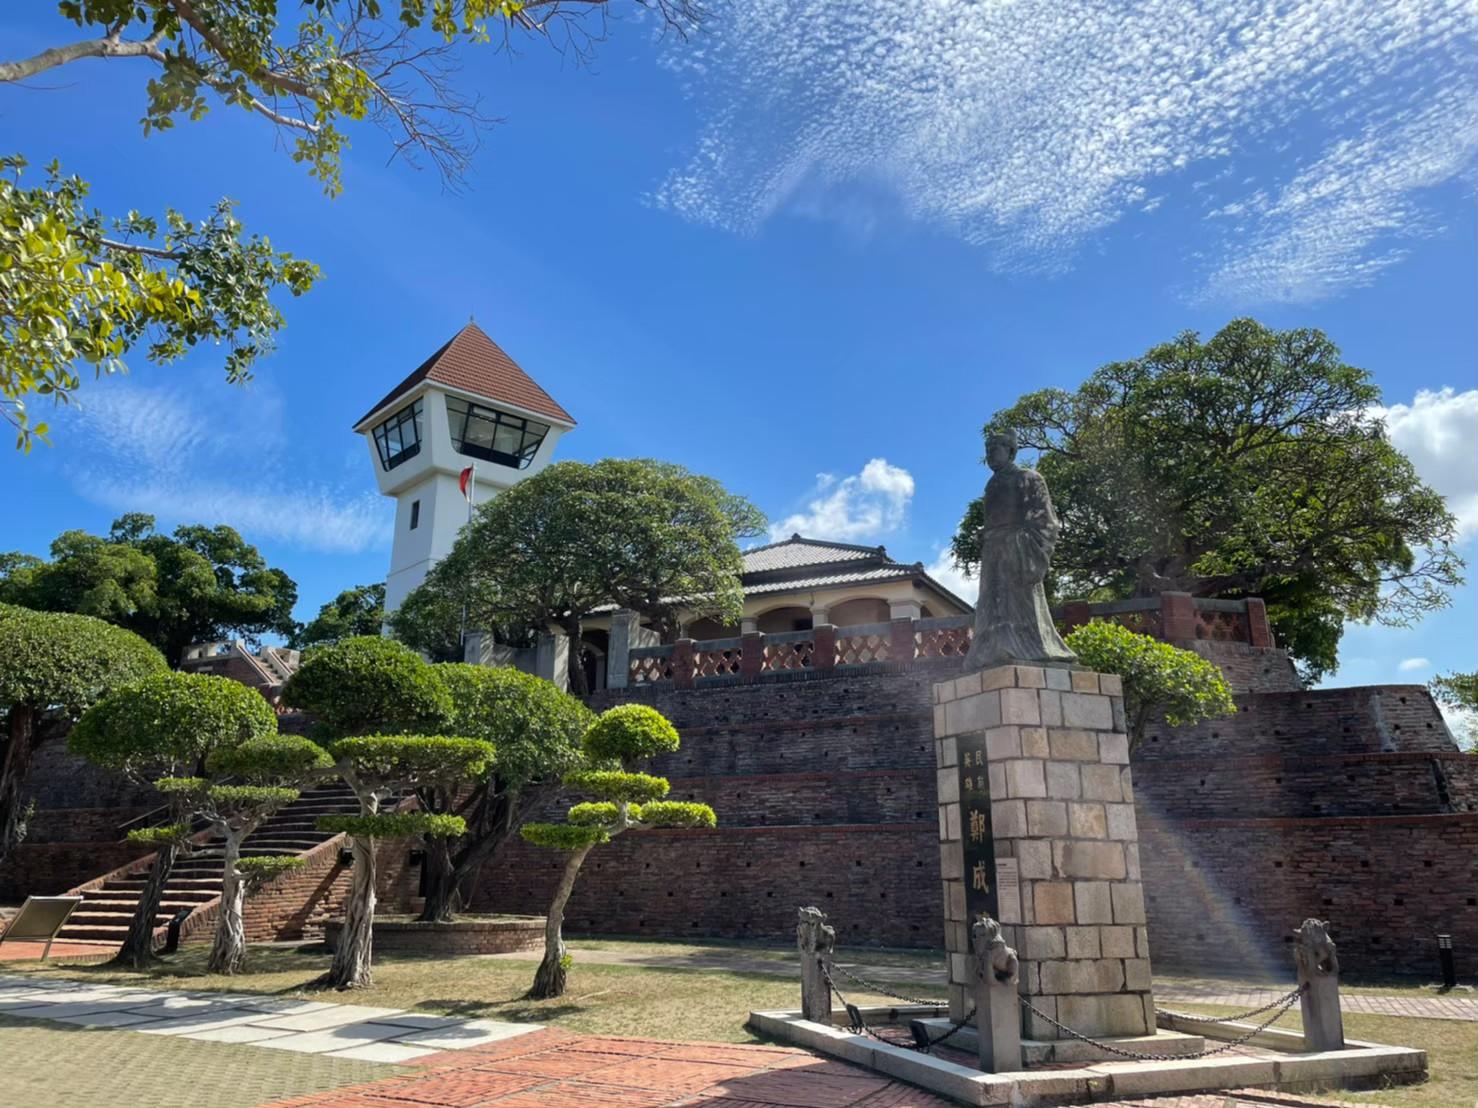 安平古堡建城400年暖壽一起來祝賀